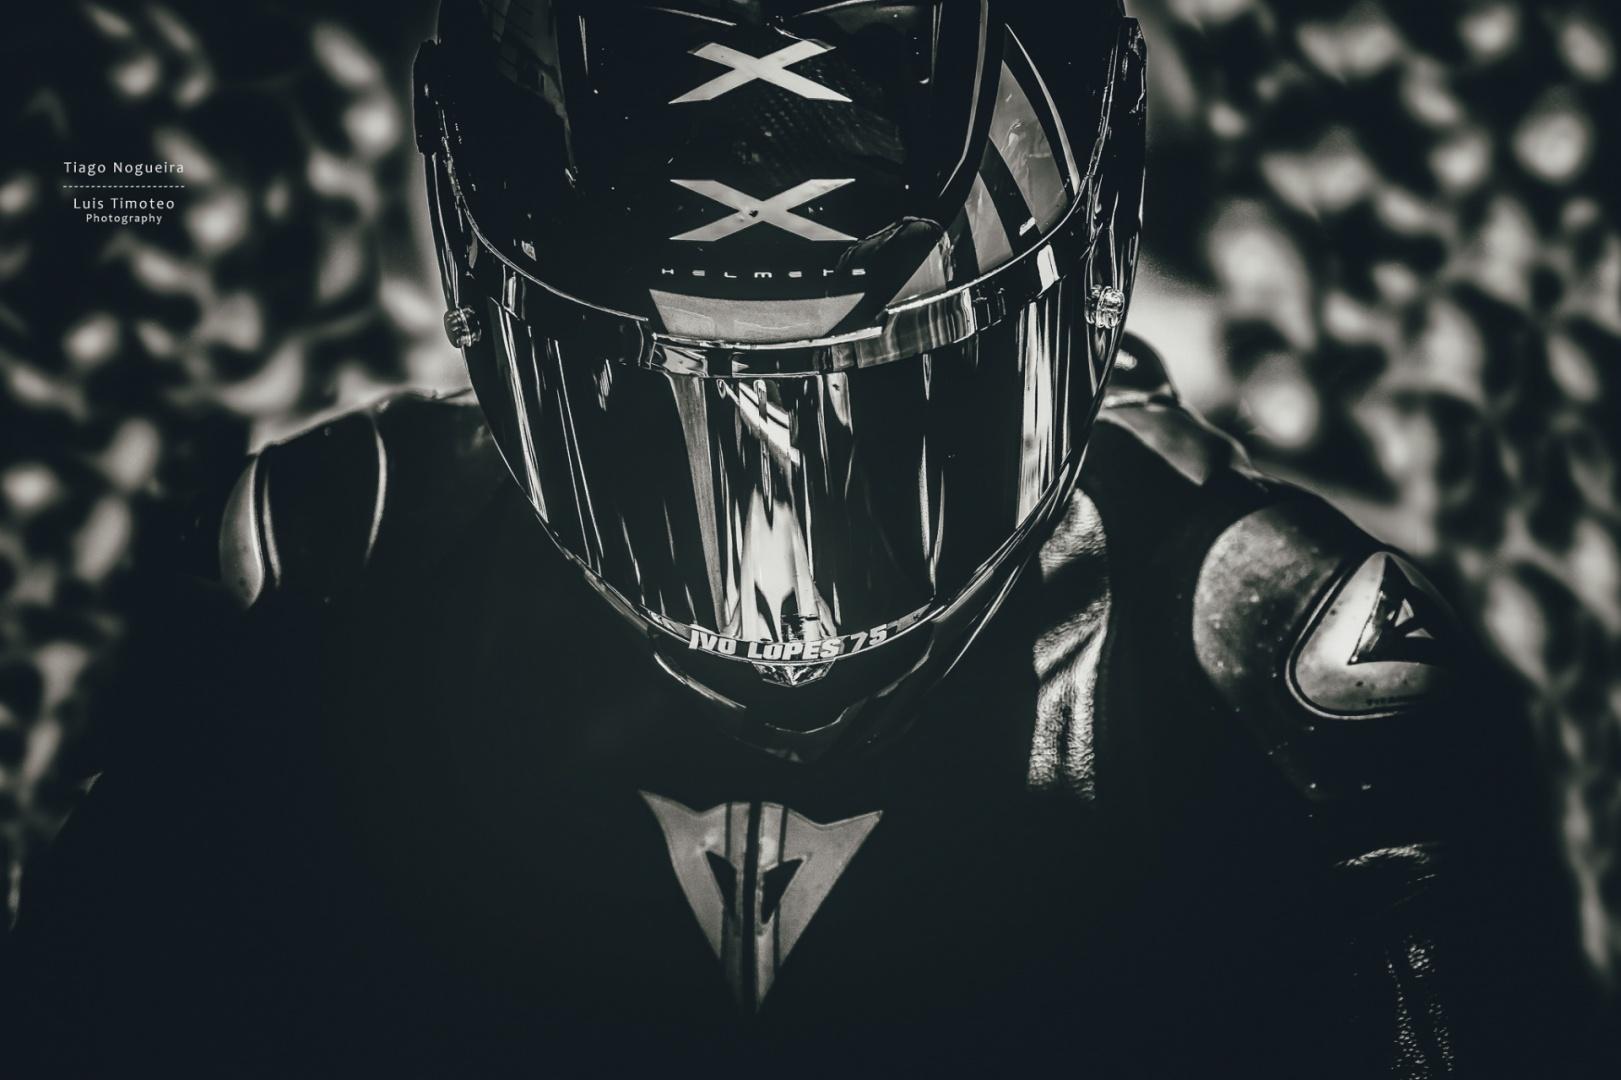 Desporto e Ação/Dark Rider